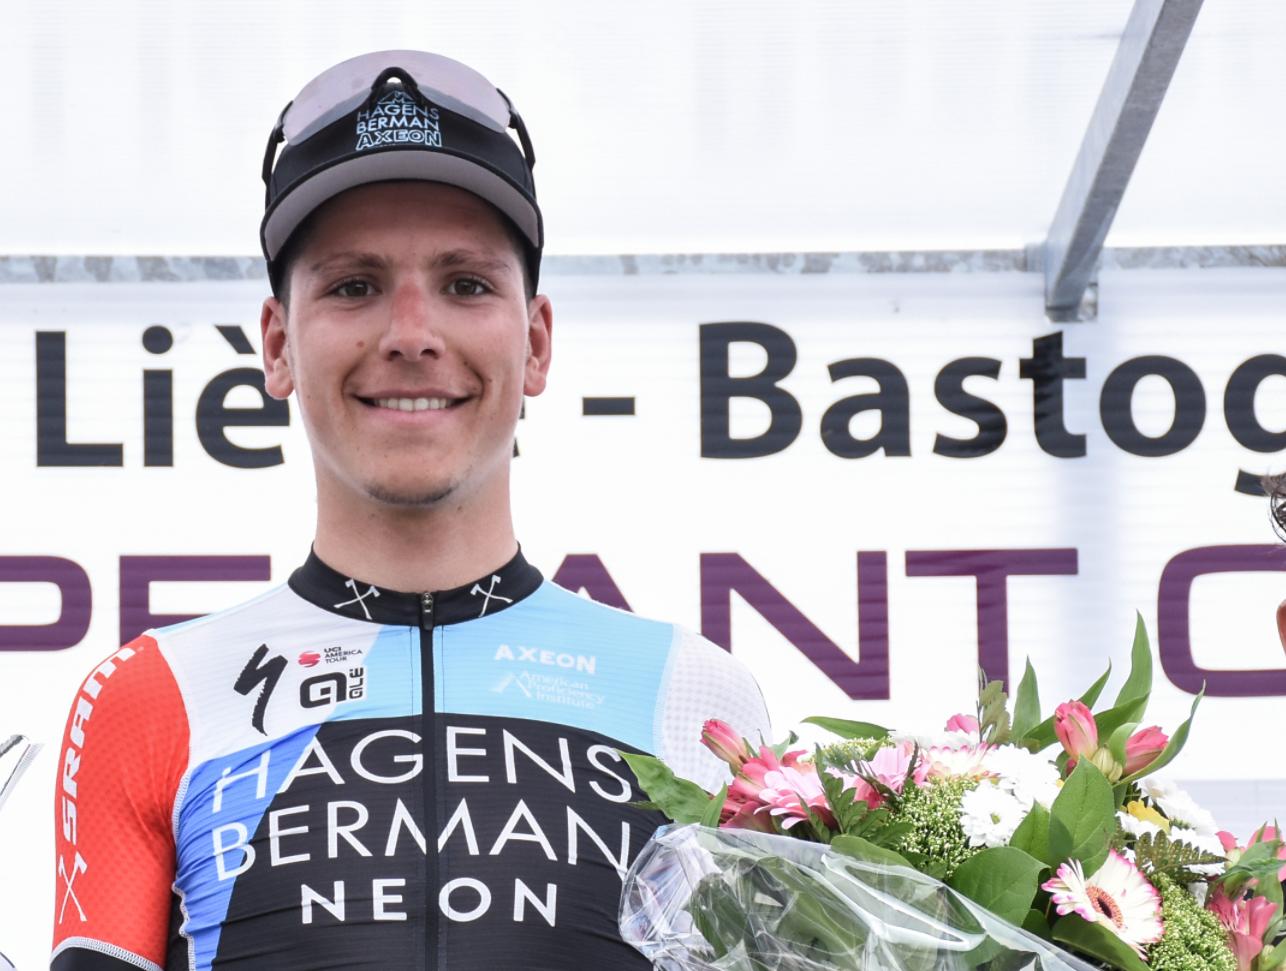 Volta ao Ciclismo: João Almeida vence Liège-Bastogne-Liège e Rui Oliveira  qualifica Portugal para os Mundiais